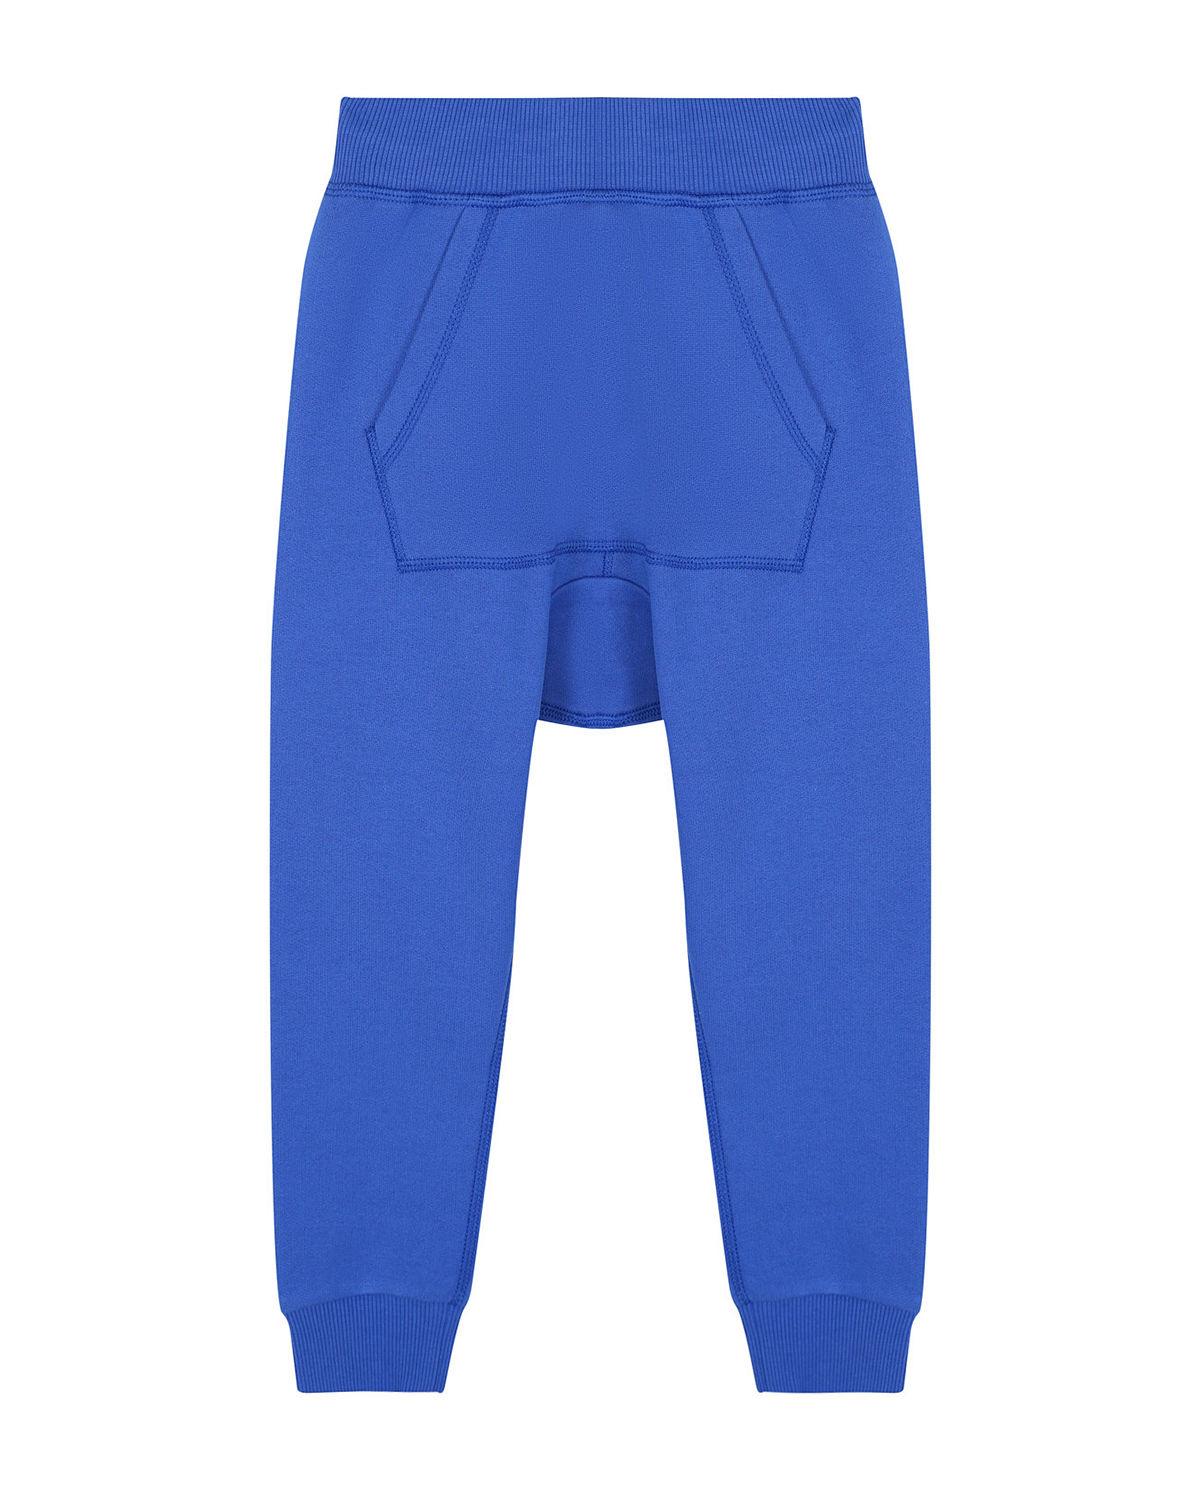 db01147aaf75d1 Bawełniane spodnie 4-10 lat MONCLER KIDS – Kup Teraz! Najlepsze ceny i  opinie! Sklep Moliera2.com